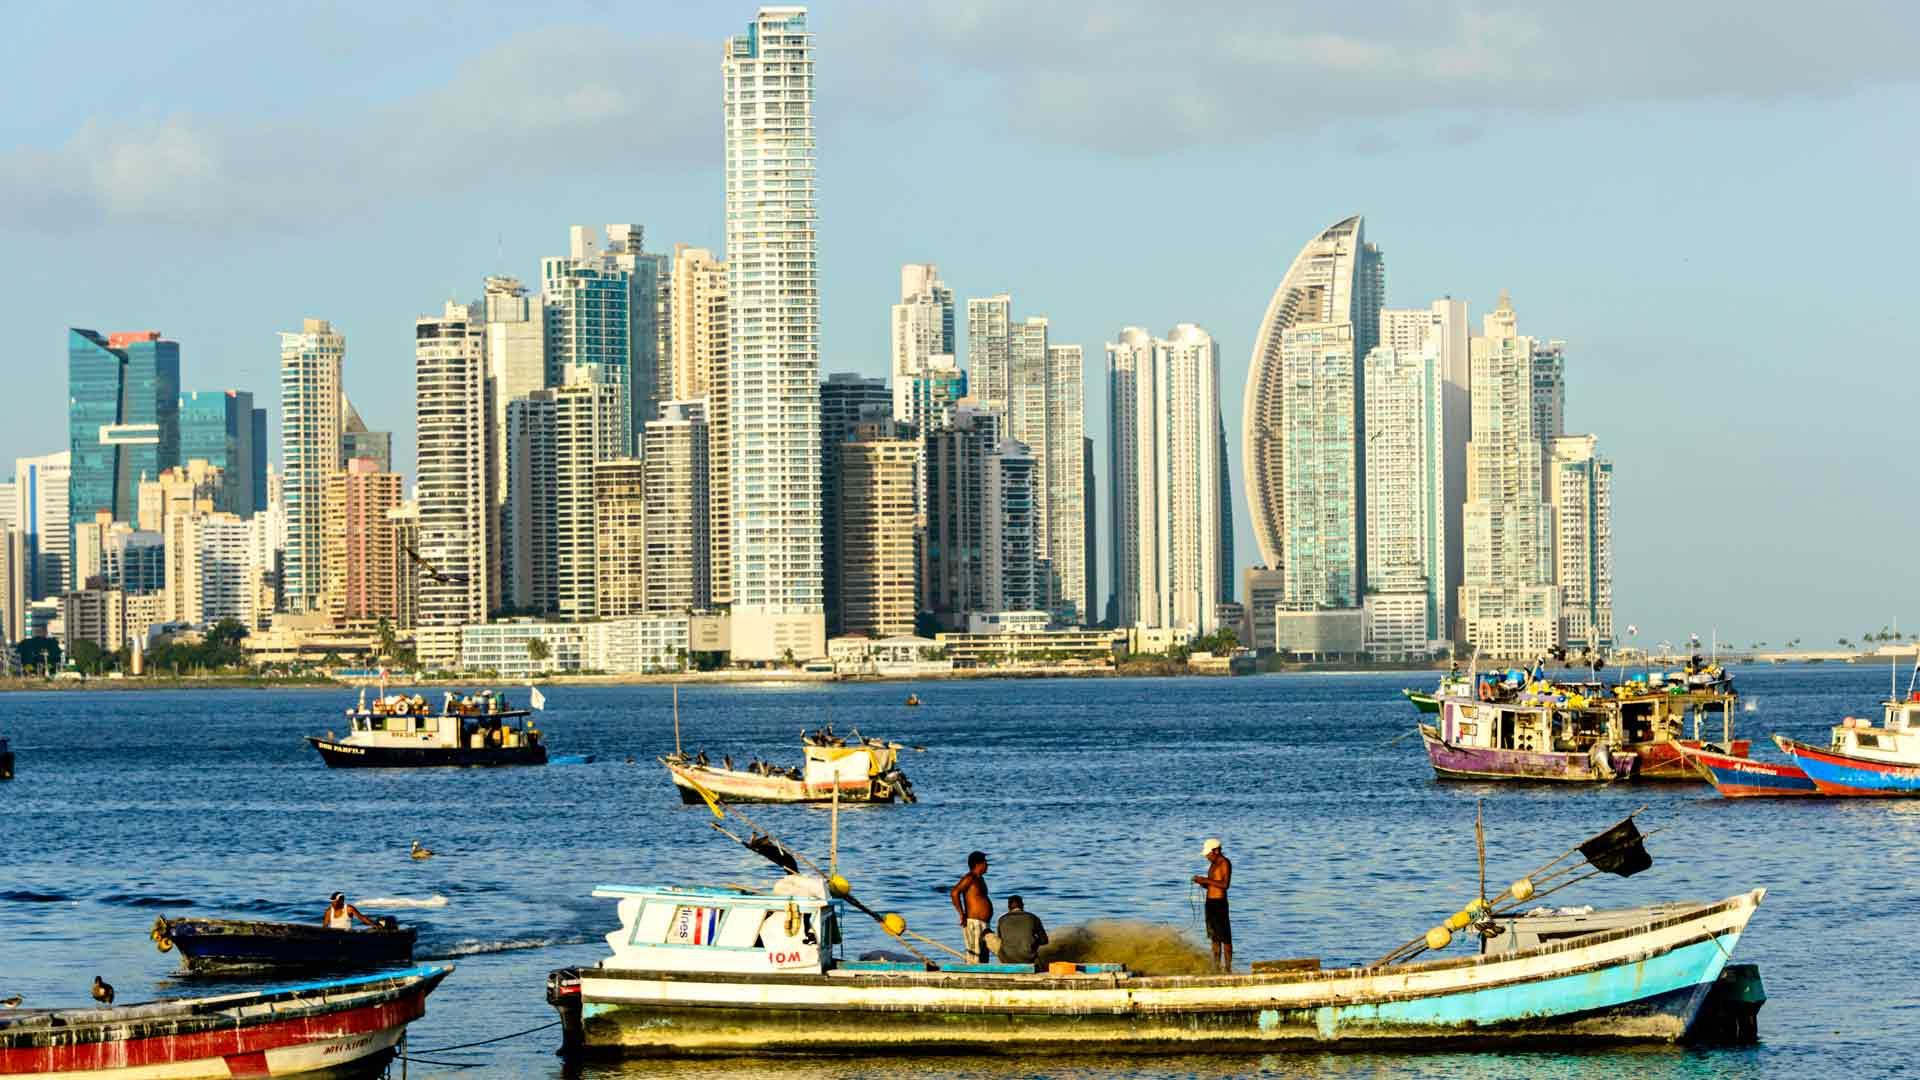 Panama Cityn siluettia määrittävät Väli-Amerikan korkeimmat pilvenpiirtäjät. Nousuvesi tuo alukset Panaman lahdelle.